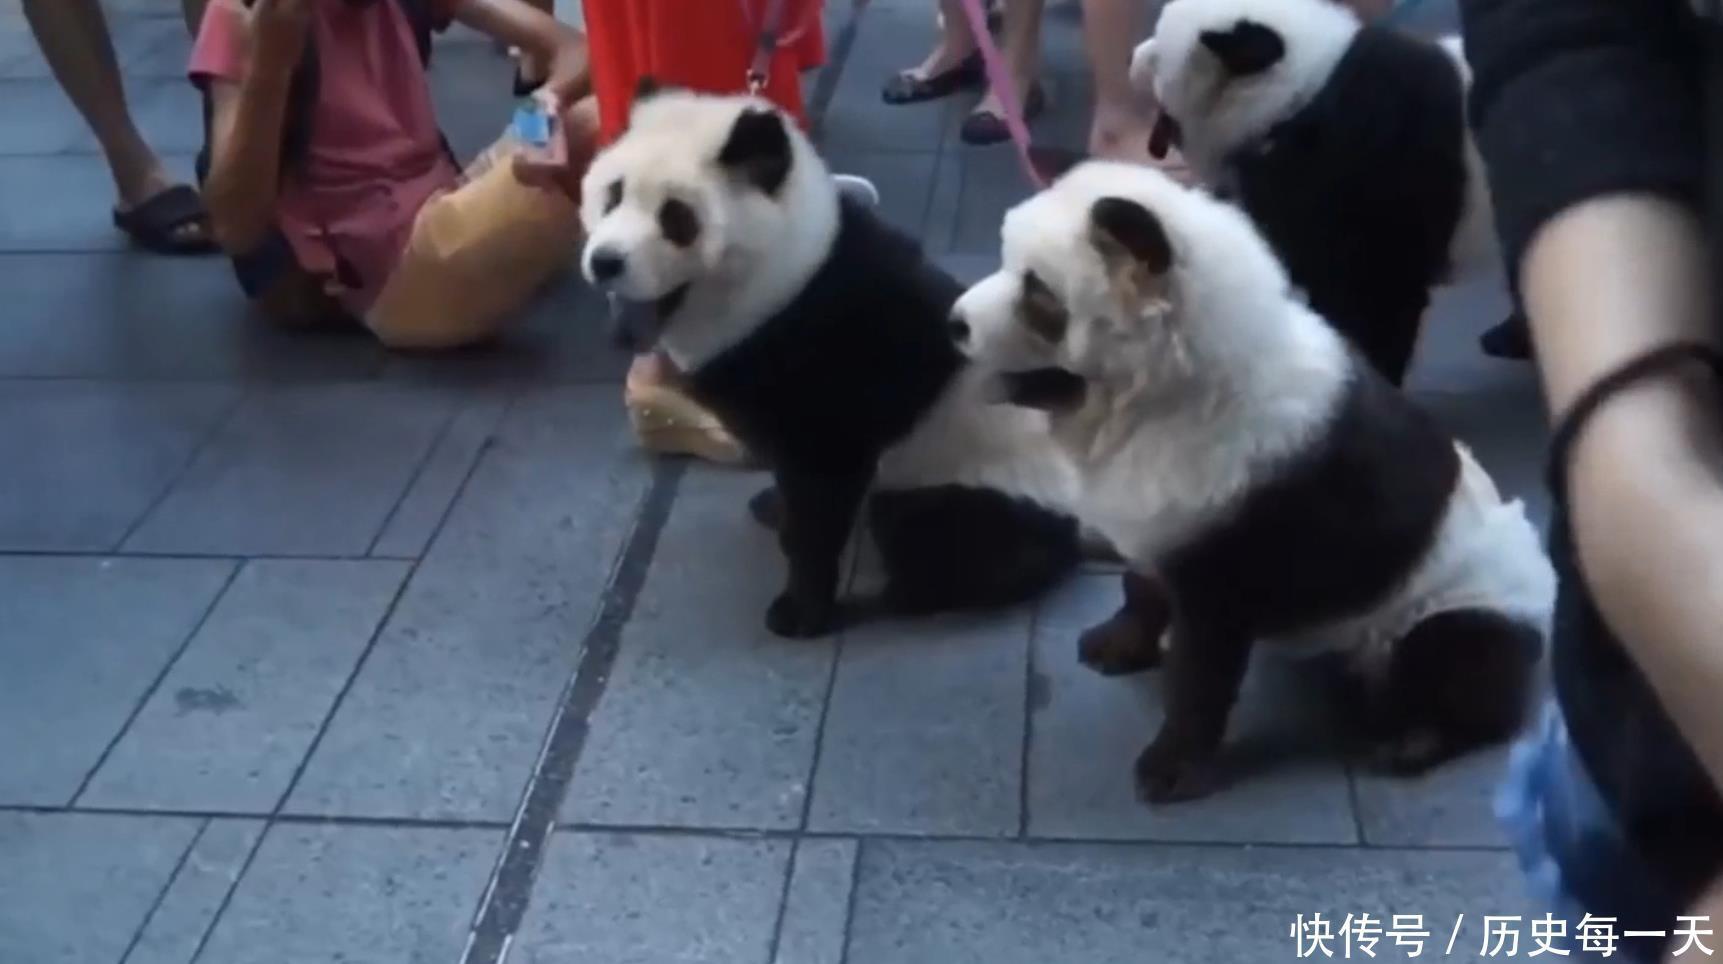 外国街头出现大熊猫,大妈看到后立马报警,谁知竟是一场乌龙